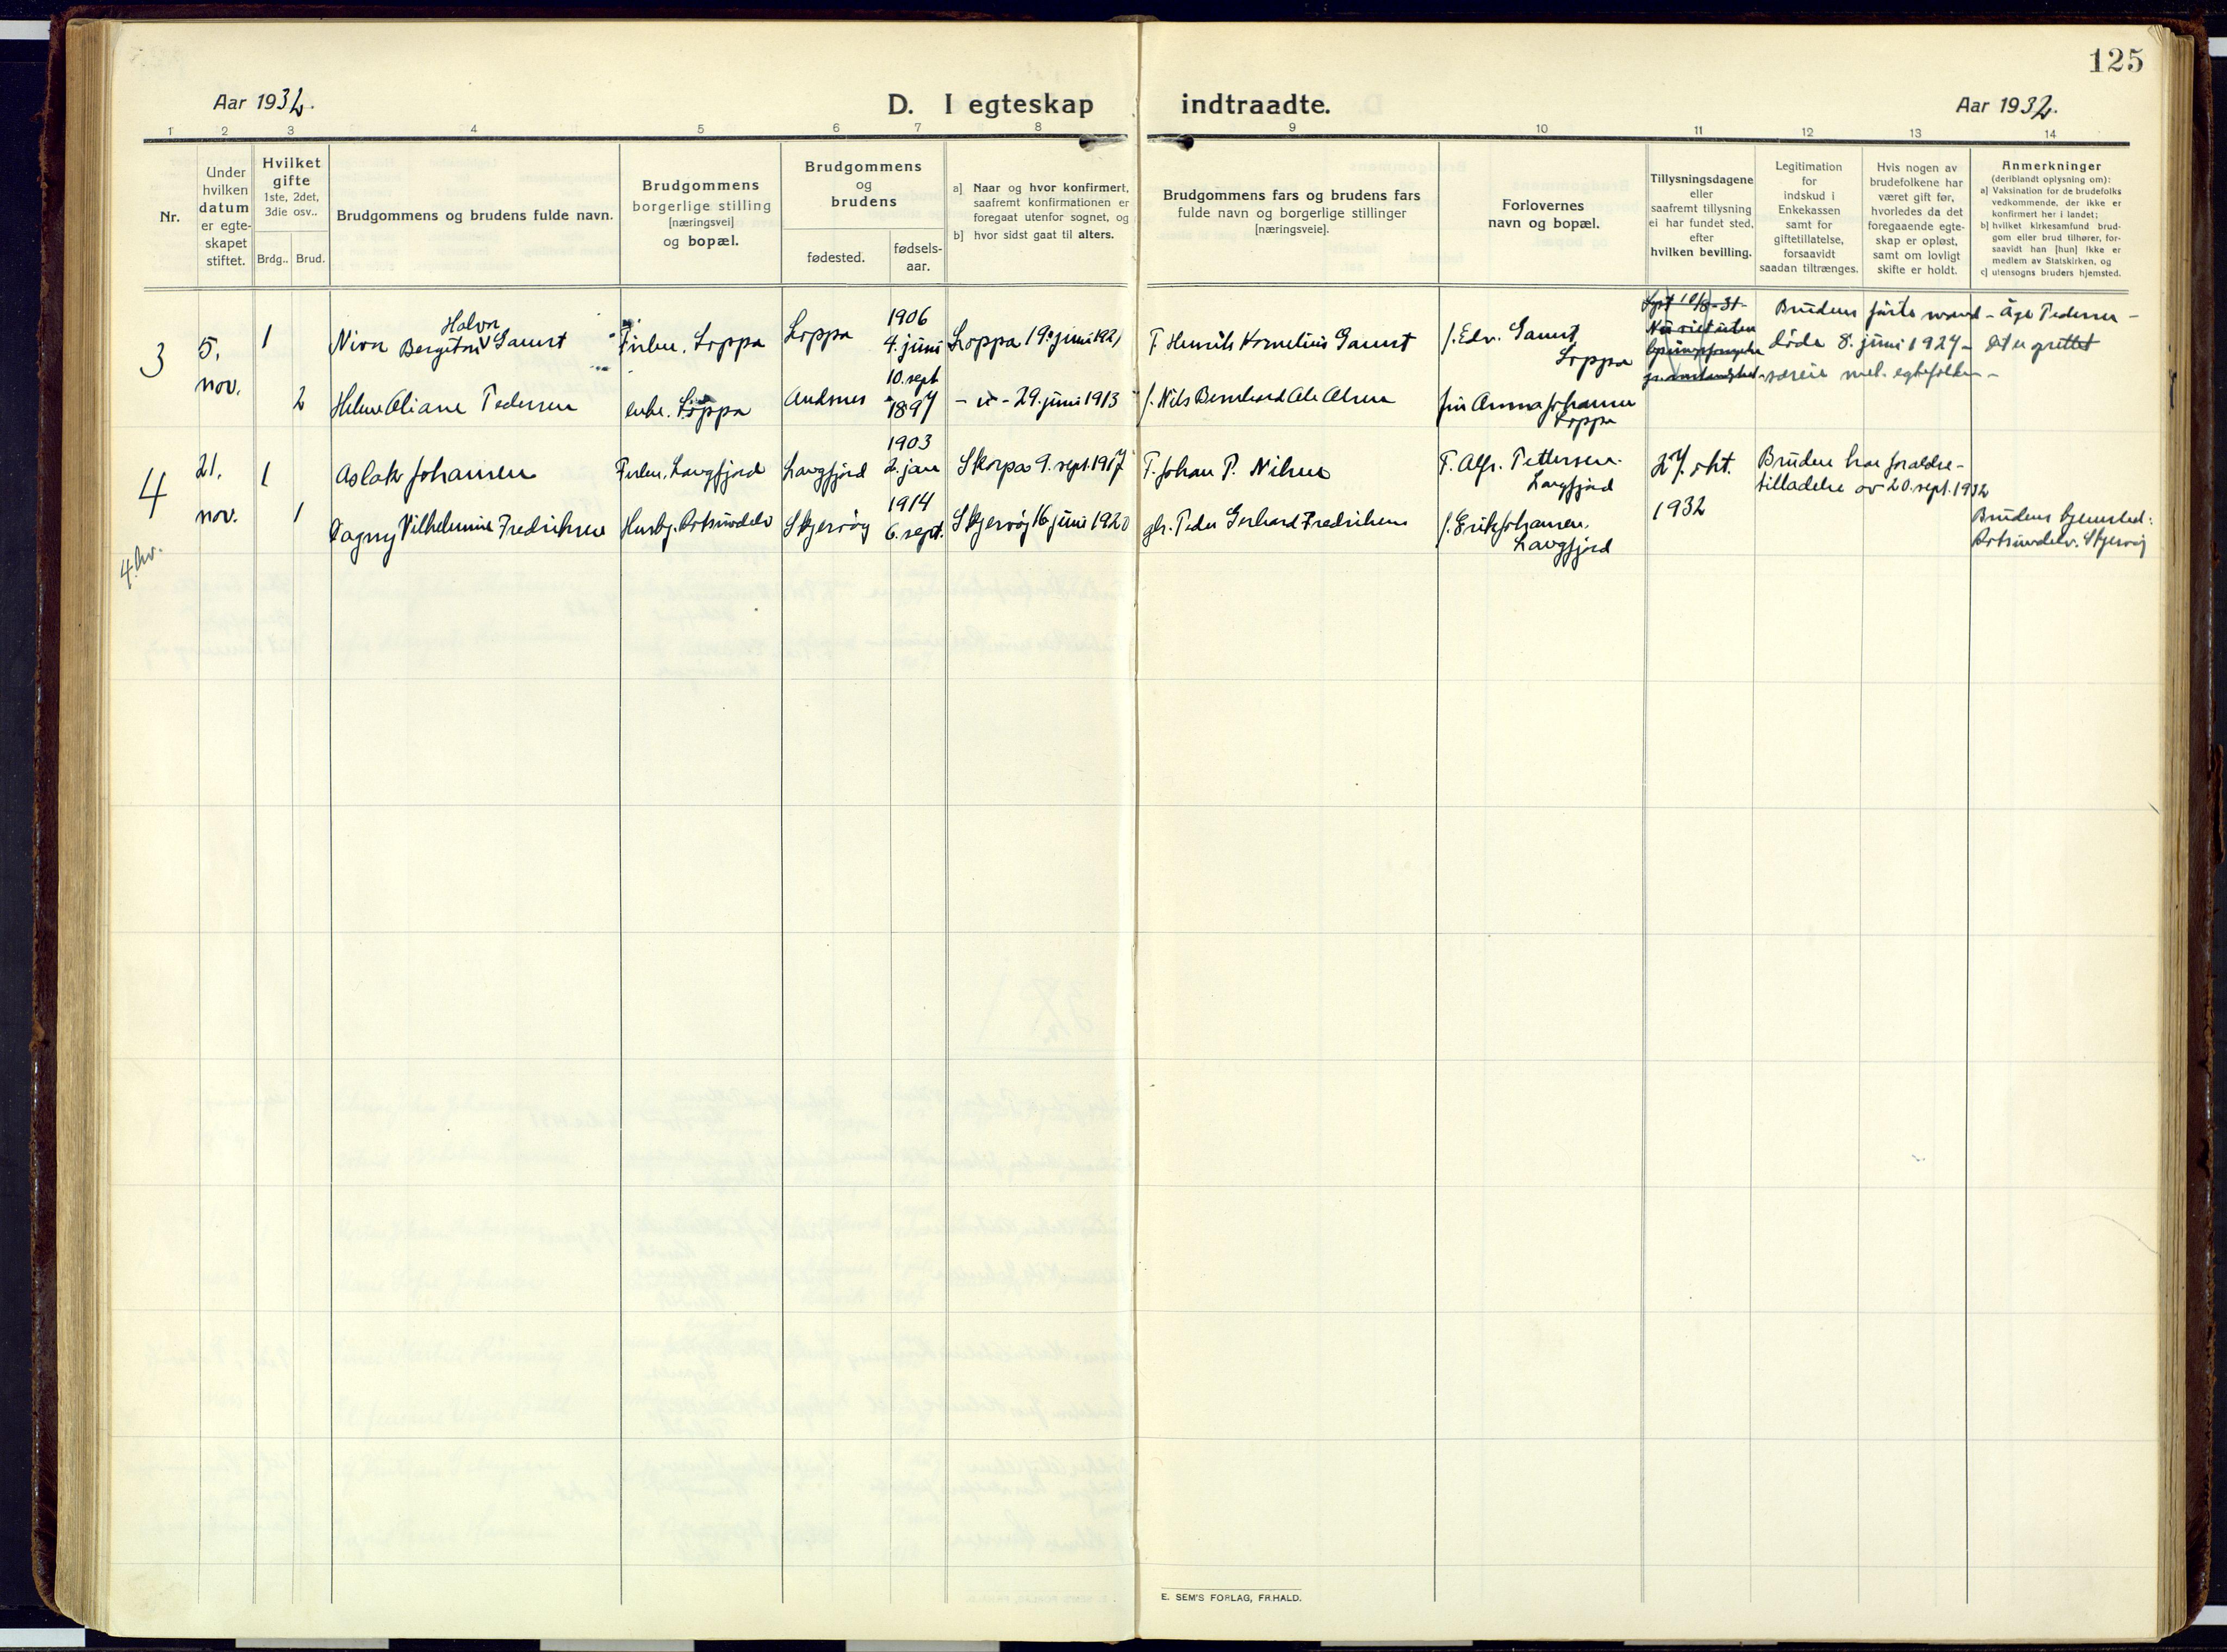 SATØ, Loppa sokneprestkontor, H/Ha/L0013kirke: Ministerialbok nr. 13, 1920-1932, s. 125